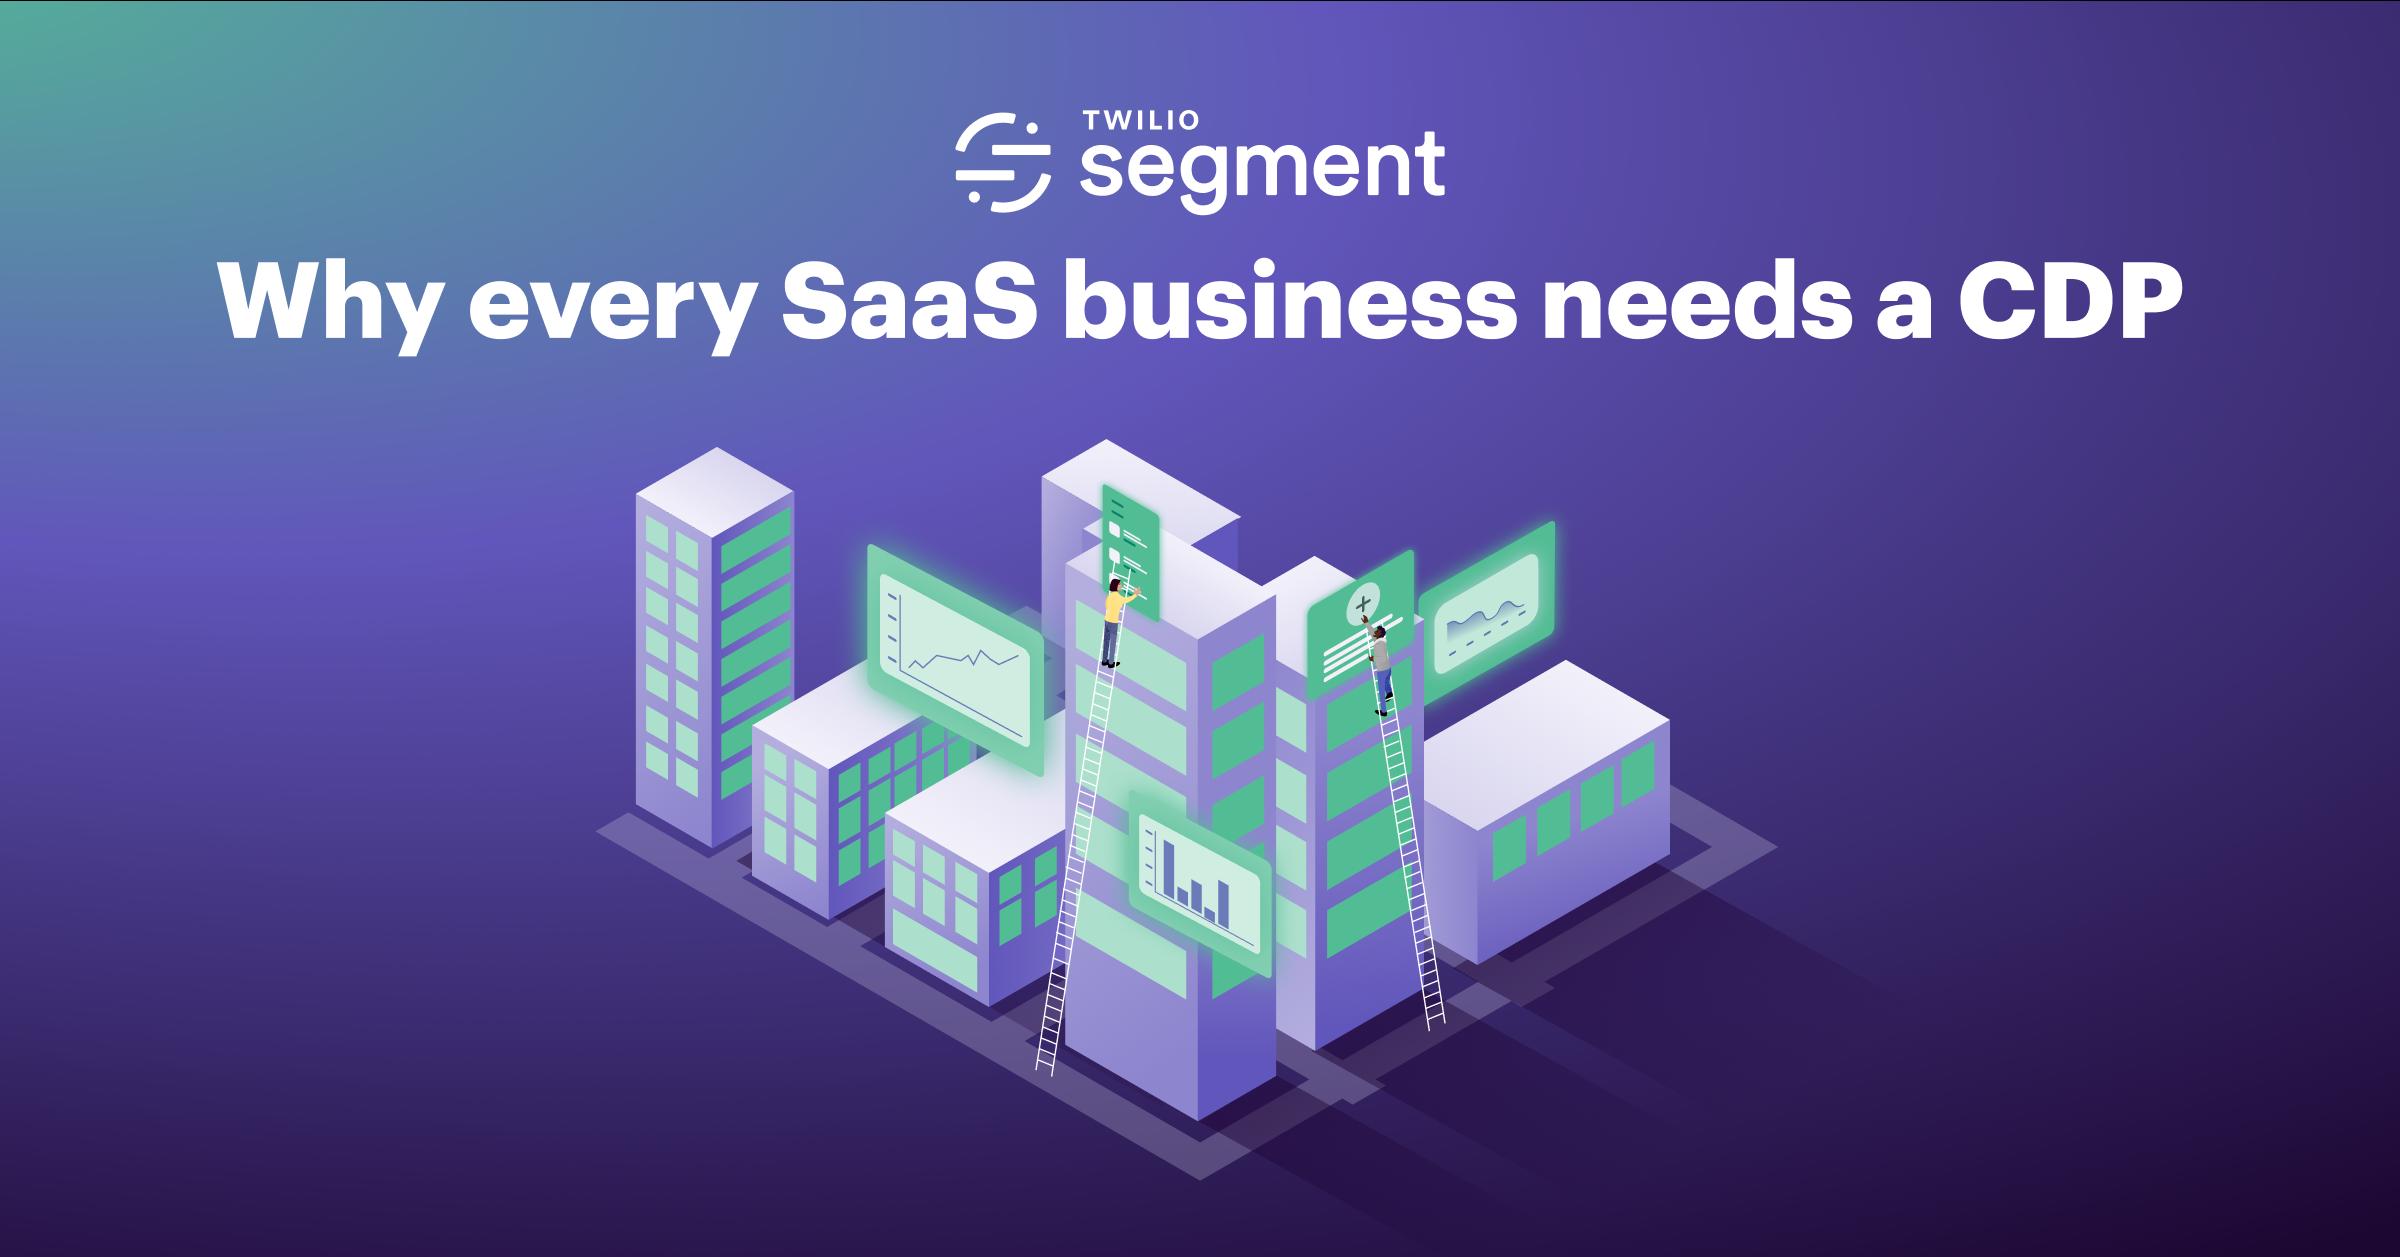 为什么每个SaaS企业都需要CDP